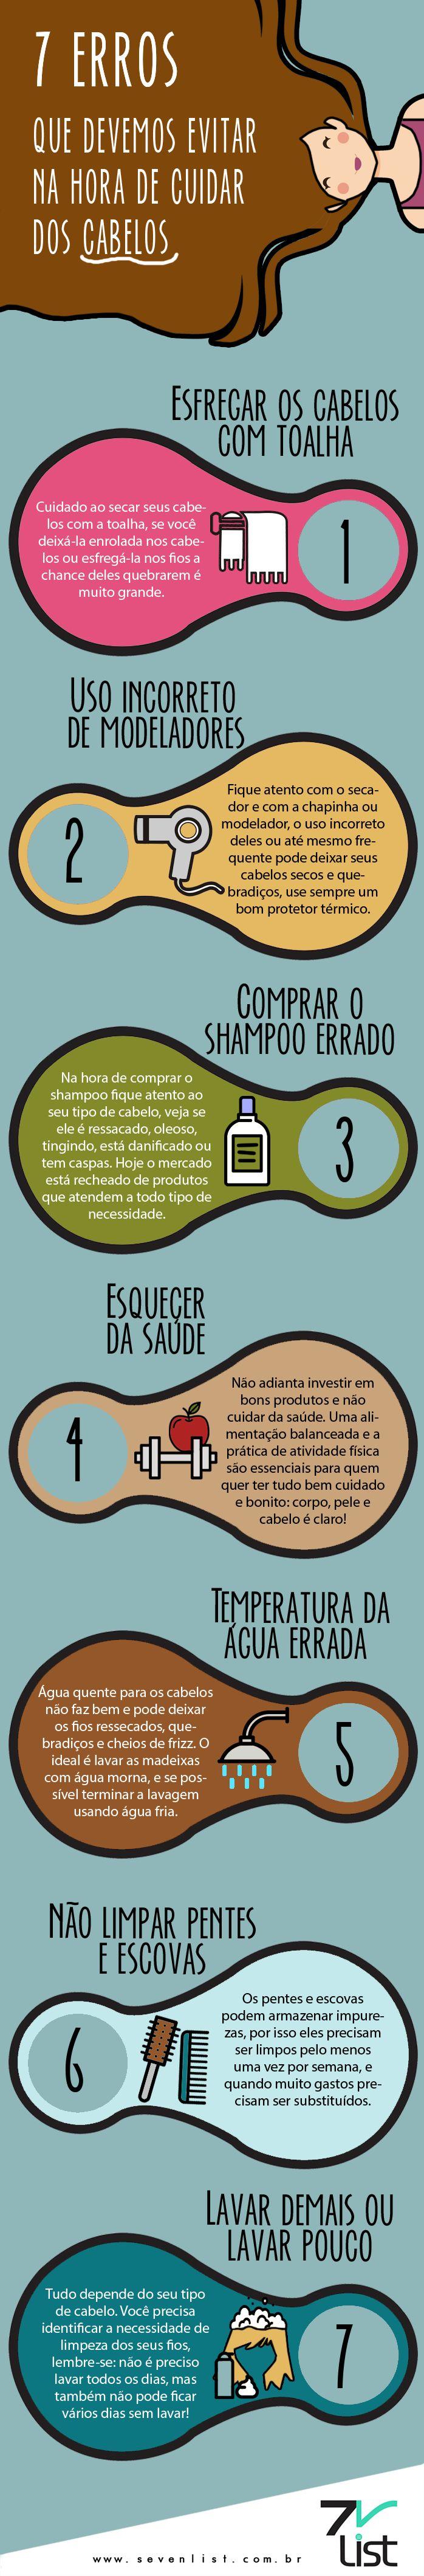 #Infográfico #Infographic #Sevenlist #List #Lista #Beleza #Beauty #Desenho #Cabelo #Hair #Cuidados #Erros #Dicas #Toalha #Secador #Chapinha #Babyliss #Modelador #Shampoo #Saúde #Água #Banho #Ducha #Chuveiro #Escova #Pente #Lavar #Cuidar #Tratar #Hidratar www.sevenlist.com.br